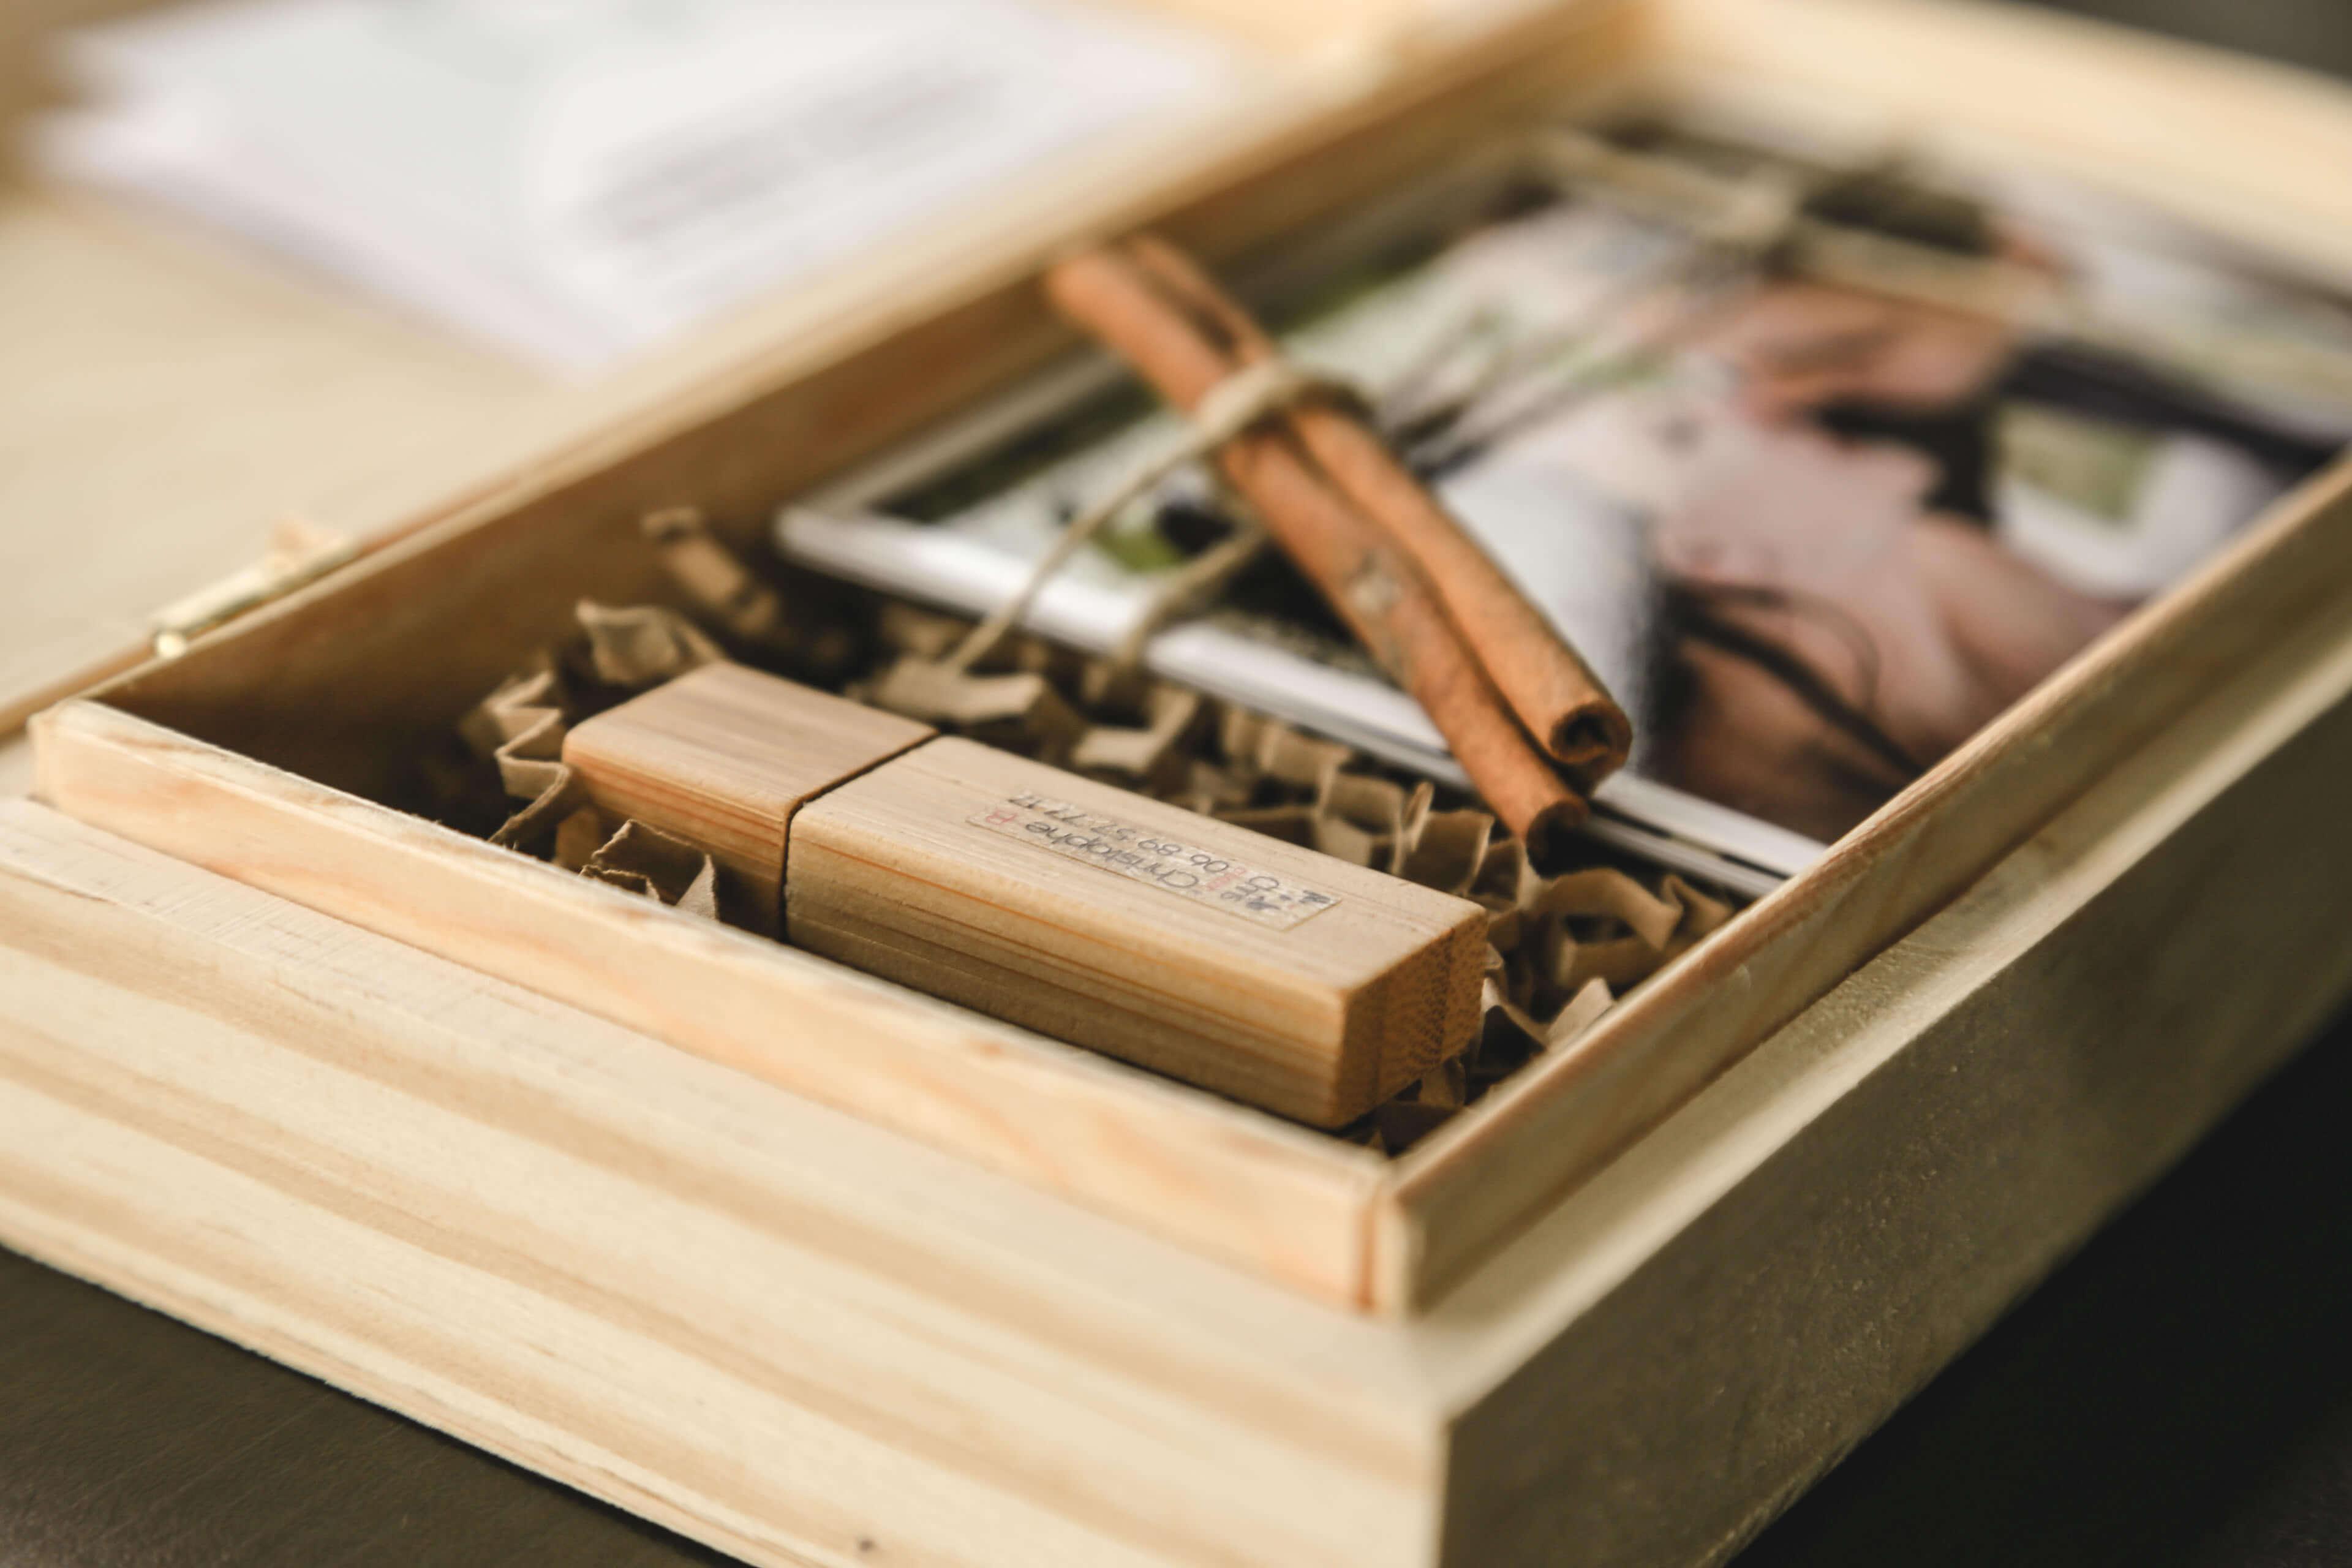 Photo d'accessoires souvenir de mariage Clé USB qui est dans la boîte des futurs mariés fournée dans la prestation de Christophe Boury photographe professionnel de mariage